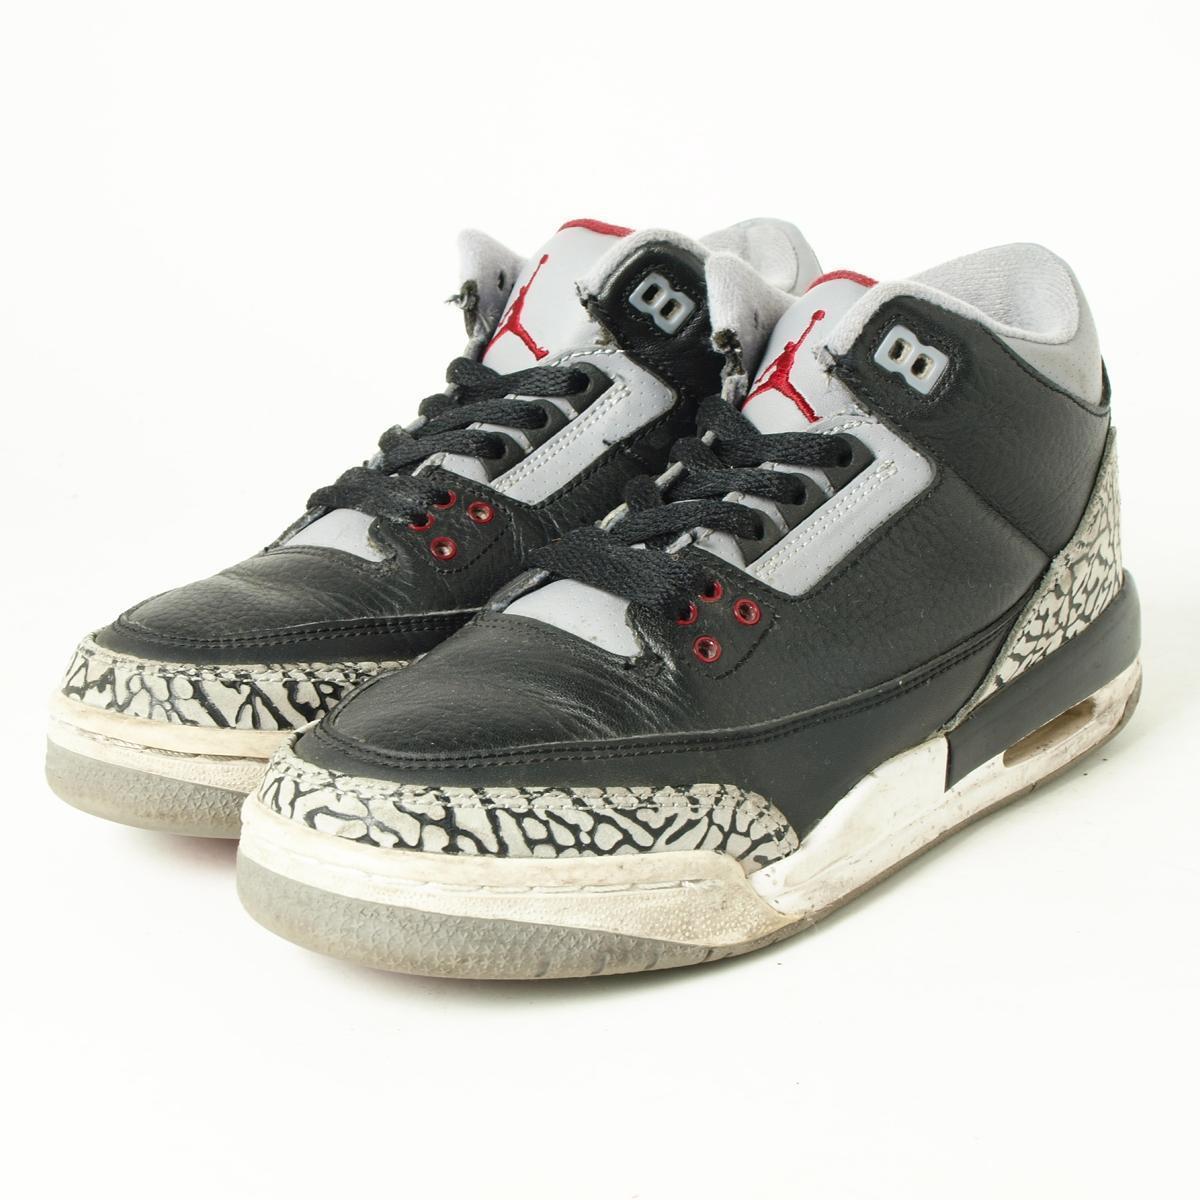 nike air jordan 3 retro jordan sneakers in original color us5.5y ladies 24.0 cm nike boi6374 160417